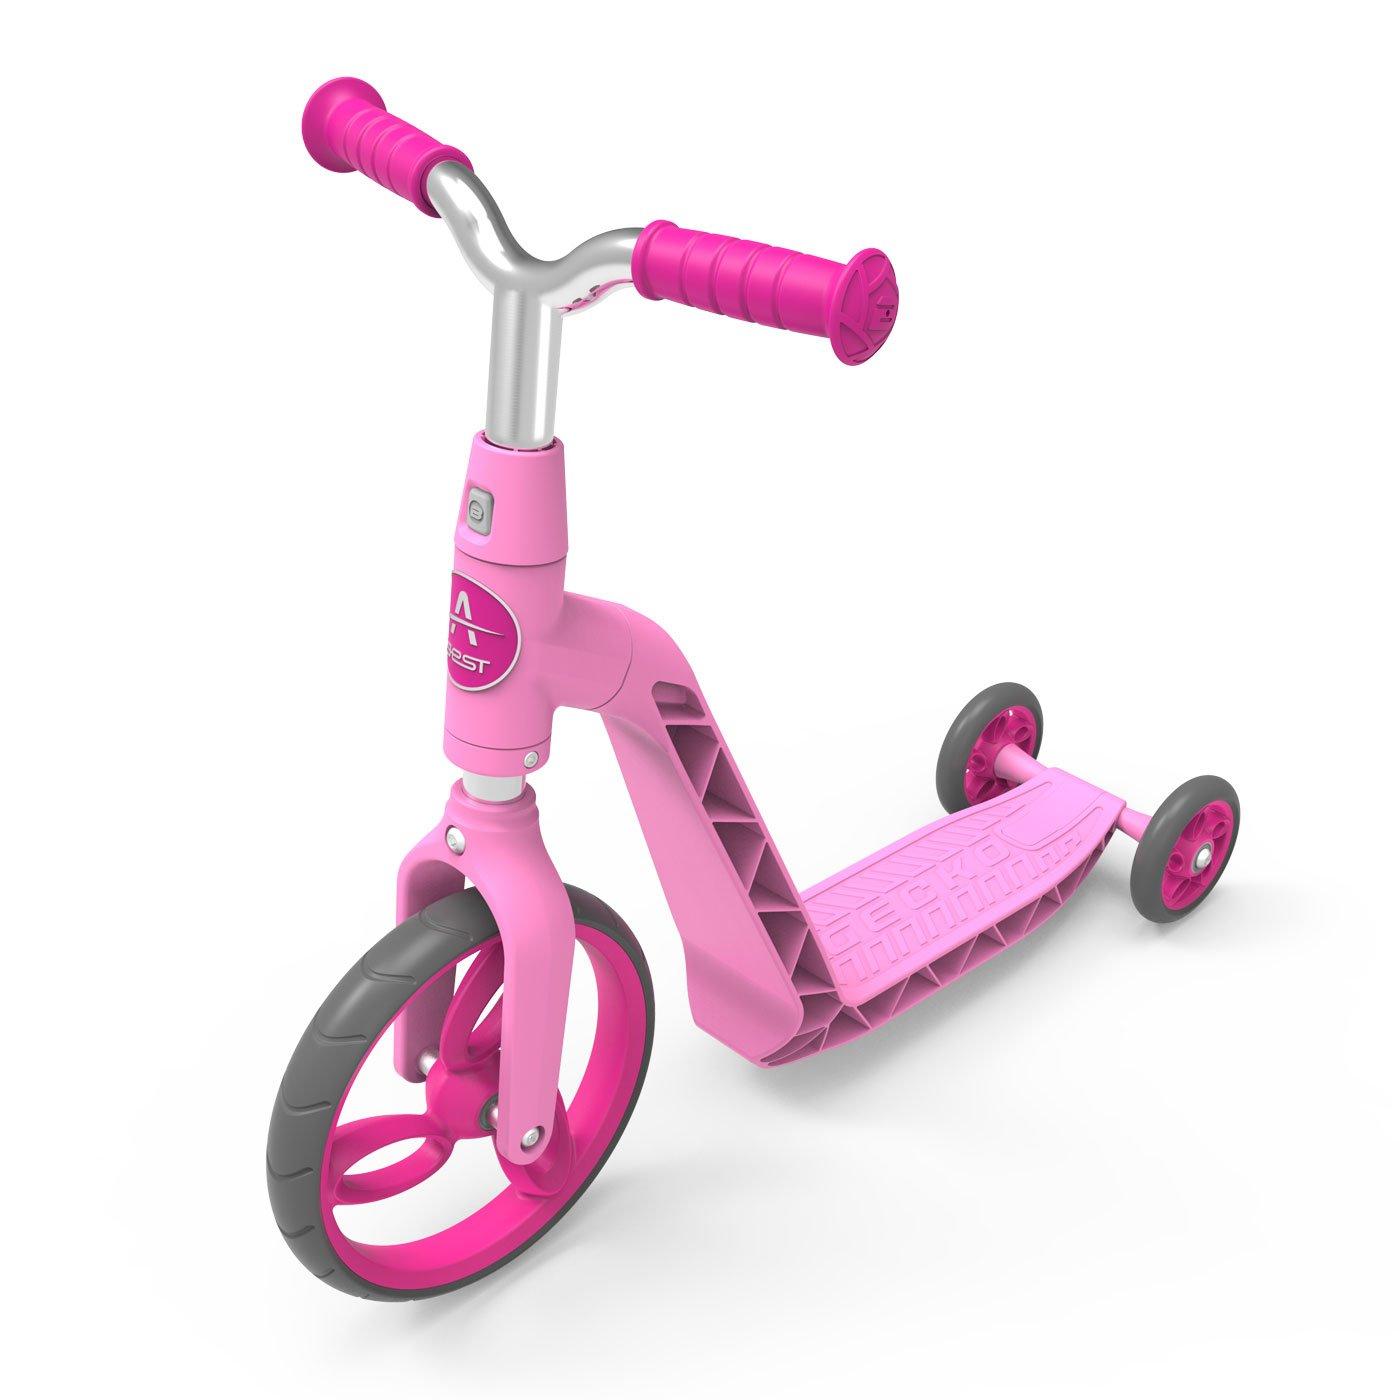 AEST Correpasillos Y Patinete 2 En 1 Bicicleta Sin Pedales Reversible Scooter 3 Ruedas Niño Niña 2-4 Años - Color Rosa: Amazon.es: Juguetes y juegos